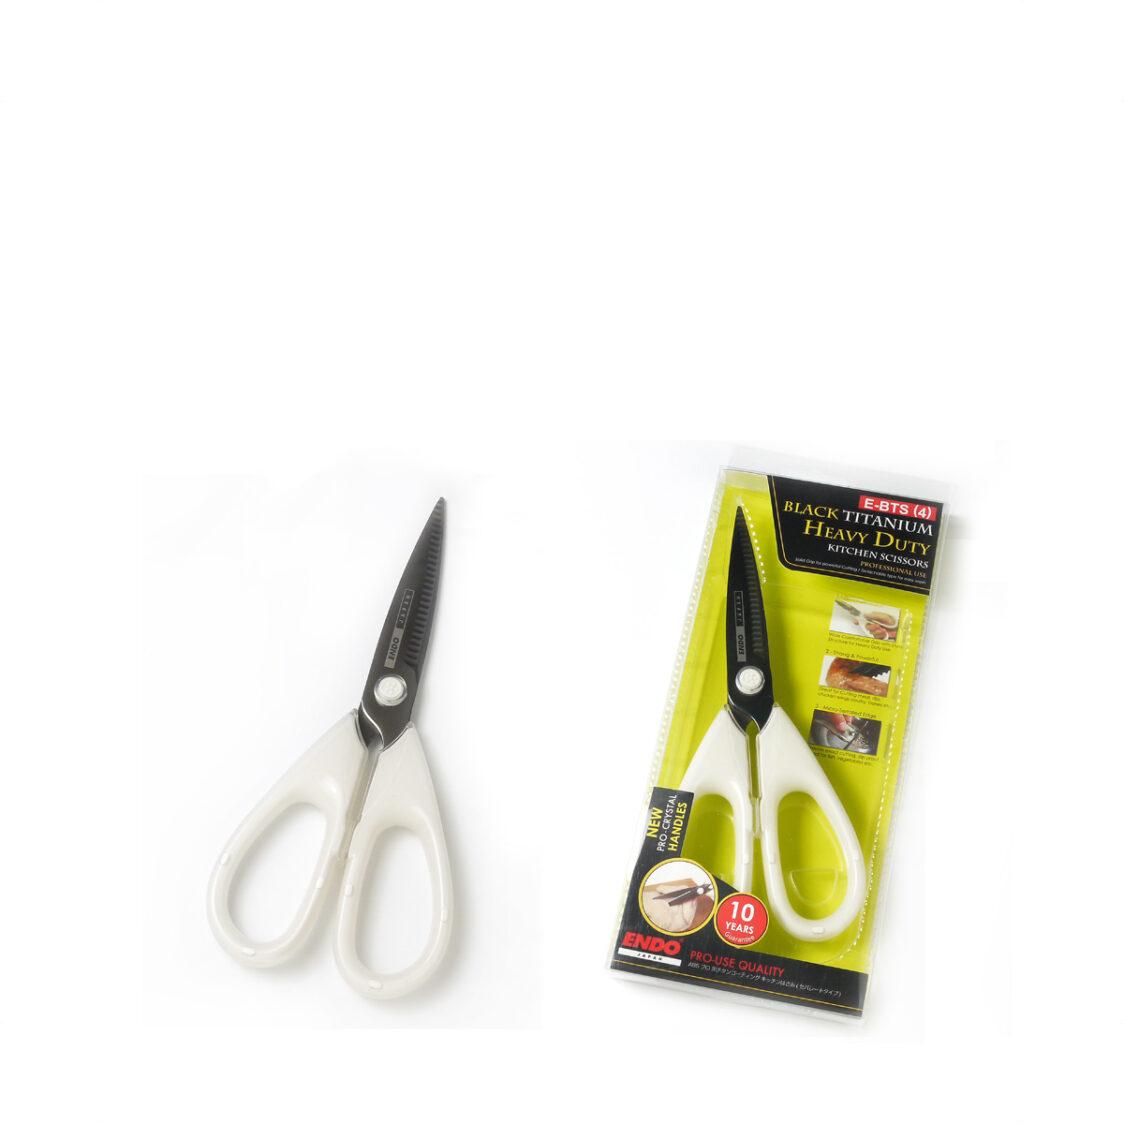 Endo Black Titanium 5-In-1 Professional Kitchen Scissors E-BTS4